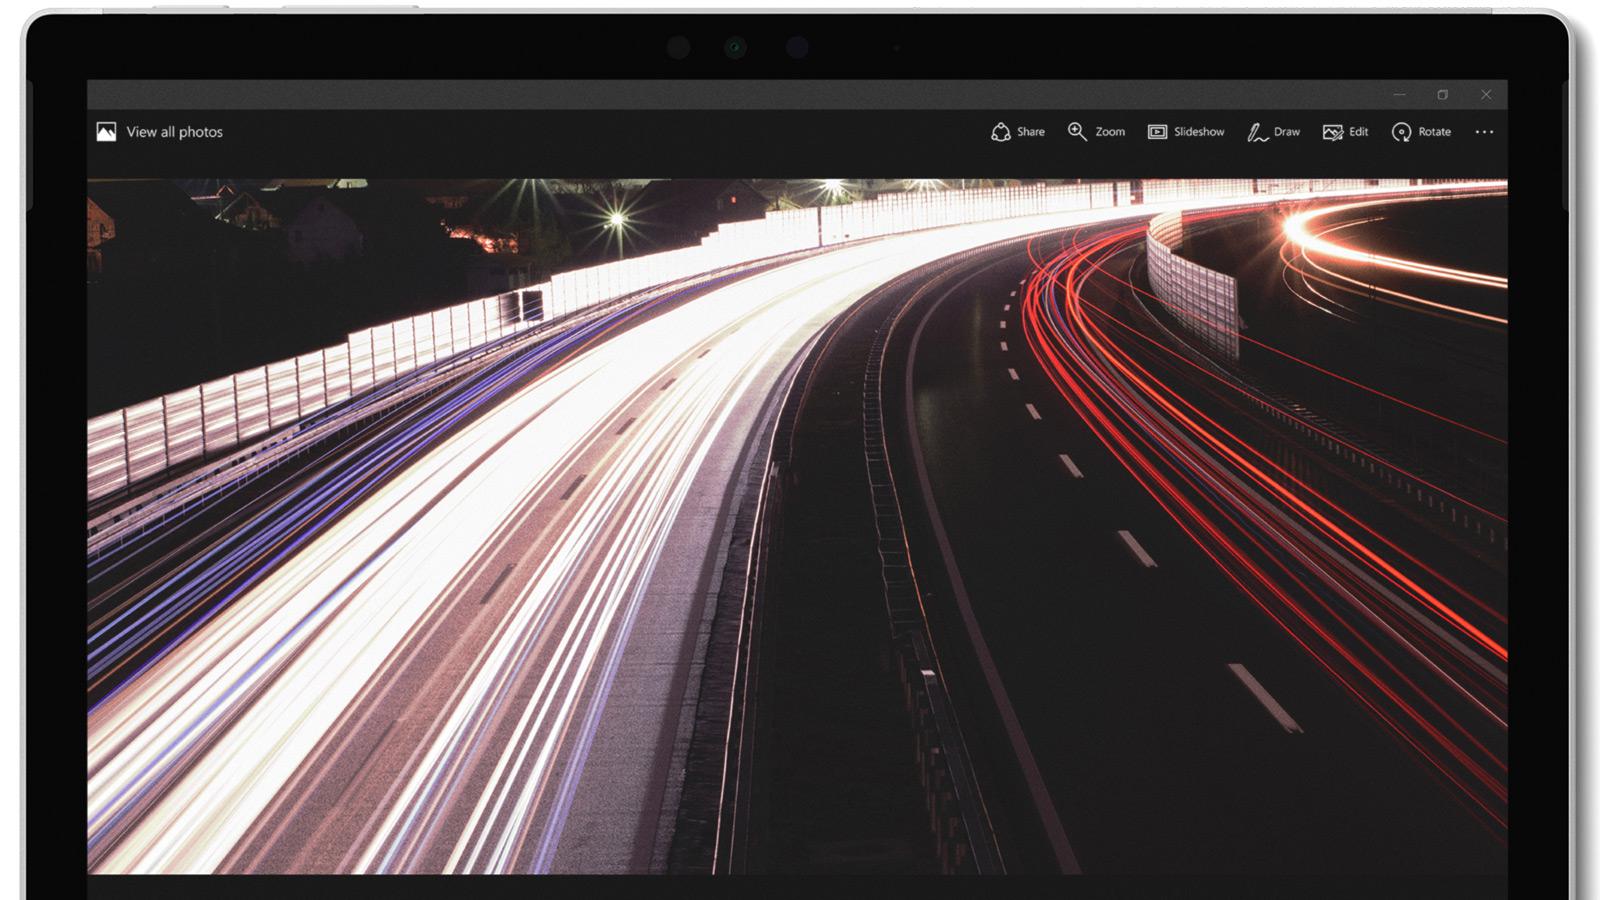 Surface Pro พร้อมจอแสดงผล PixelSense™ ขนาด 12.3 นิ้ว สีสันสดใสและความละเอียดคมชัดเป็นพิเศษ